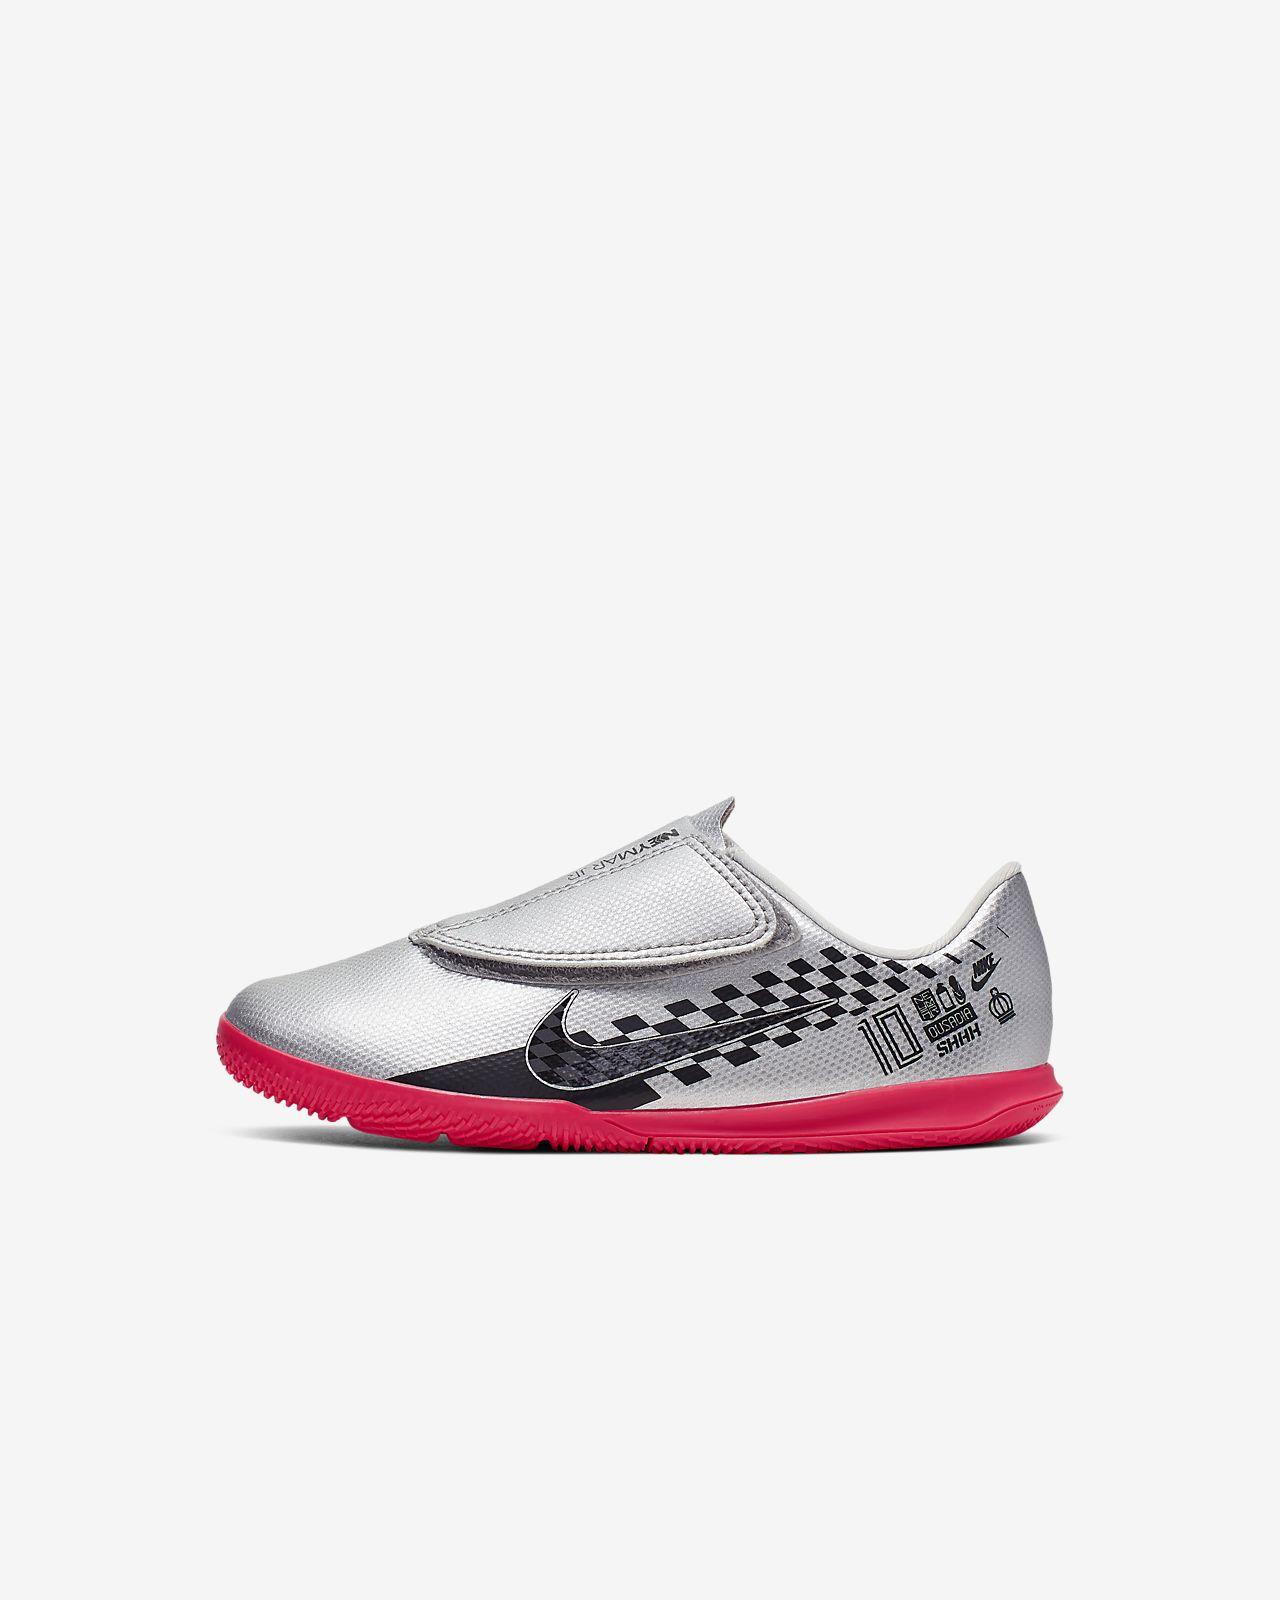 najlepsza wartość najlepsze oferty na tani Halowe buty piłkarskie dla dzieci w wieku przedszkolnym Nike Jr. Mercurial  Vapor 13 Club Neymar Jr. IC